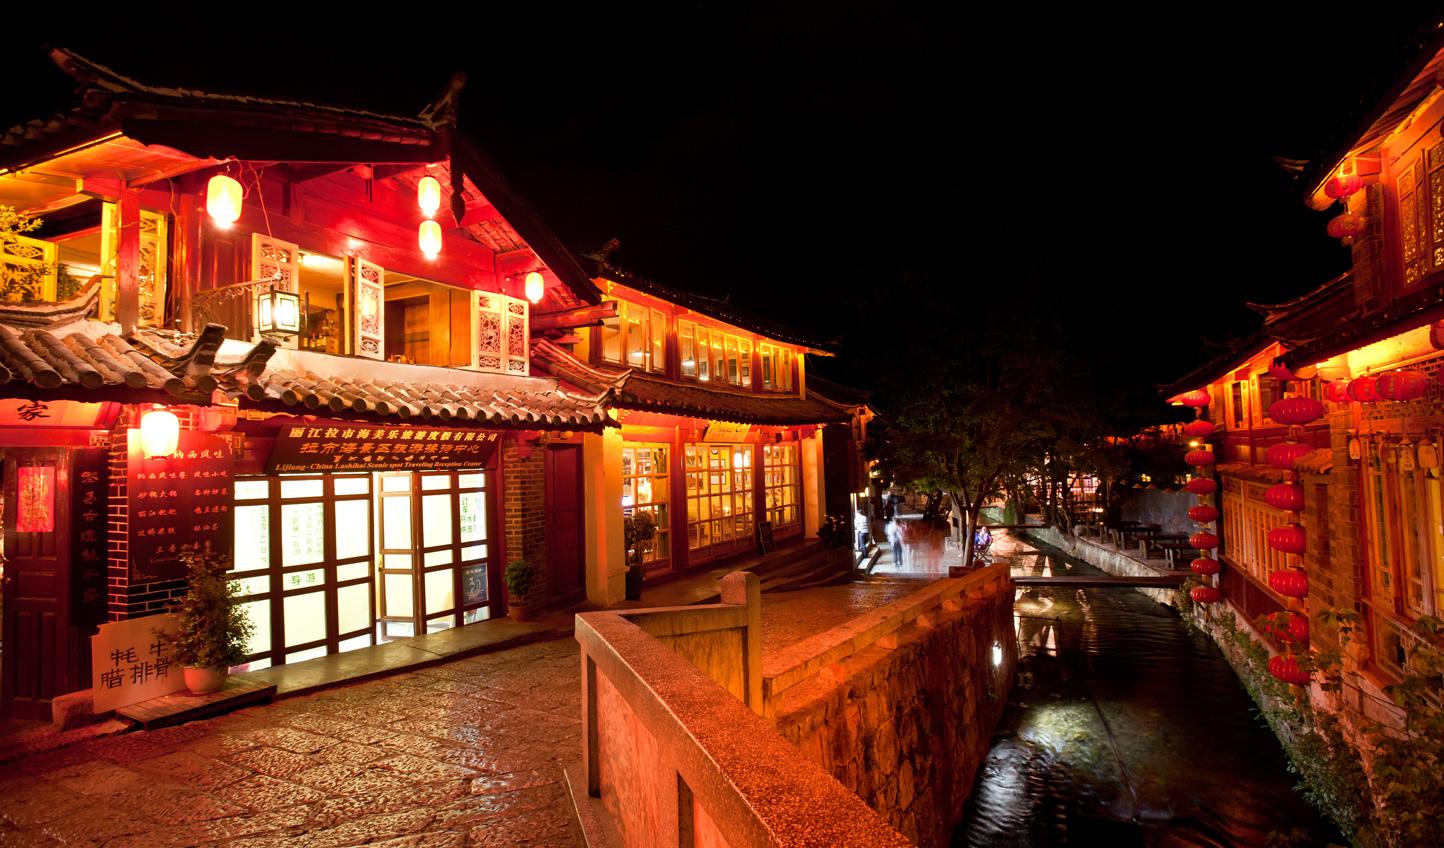 Lijiang-Old-Town-at-Night